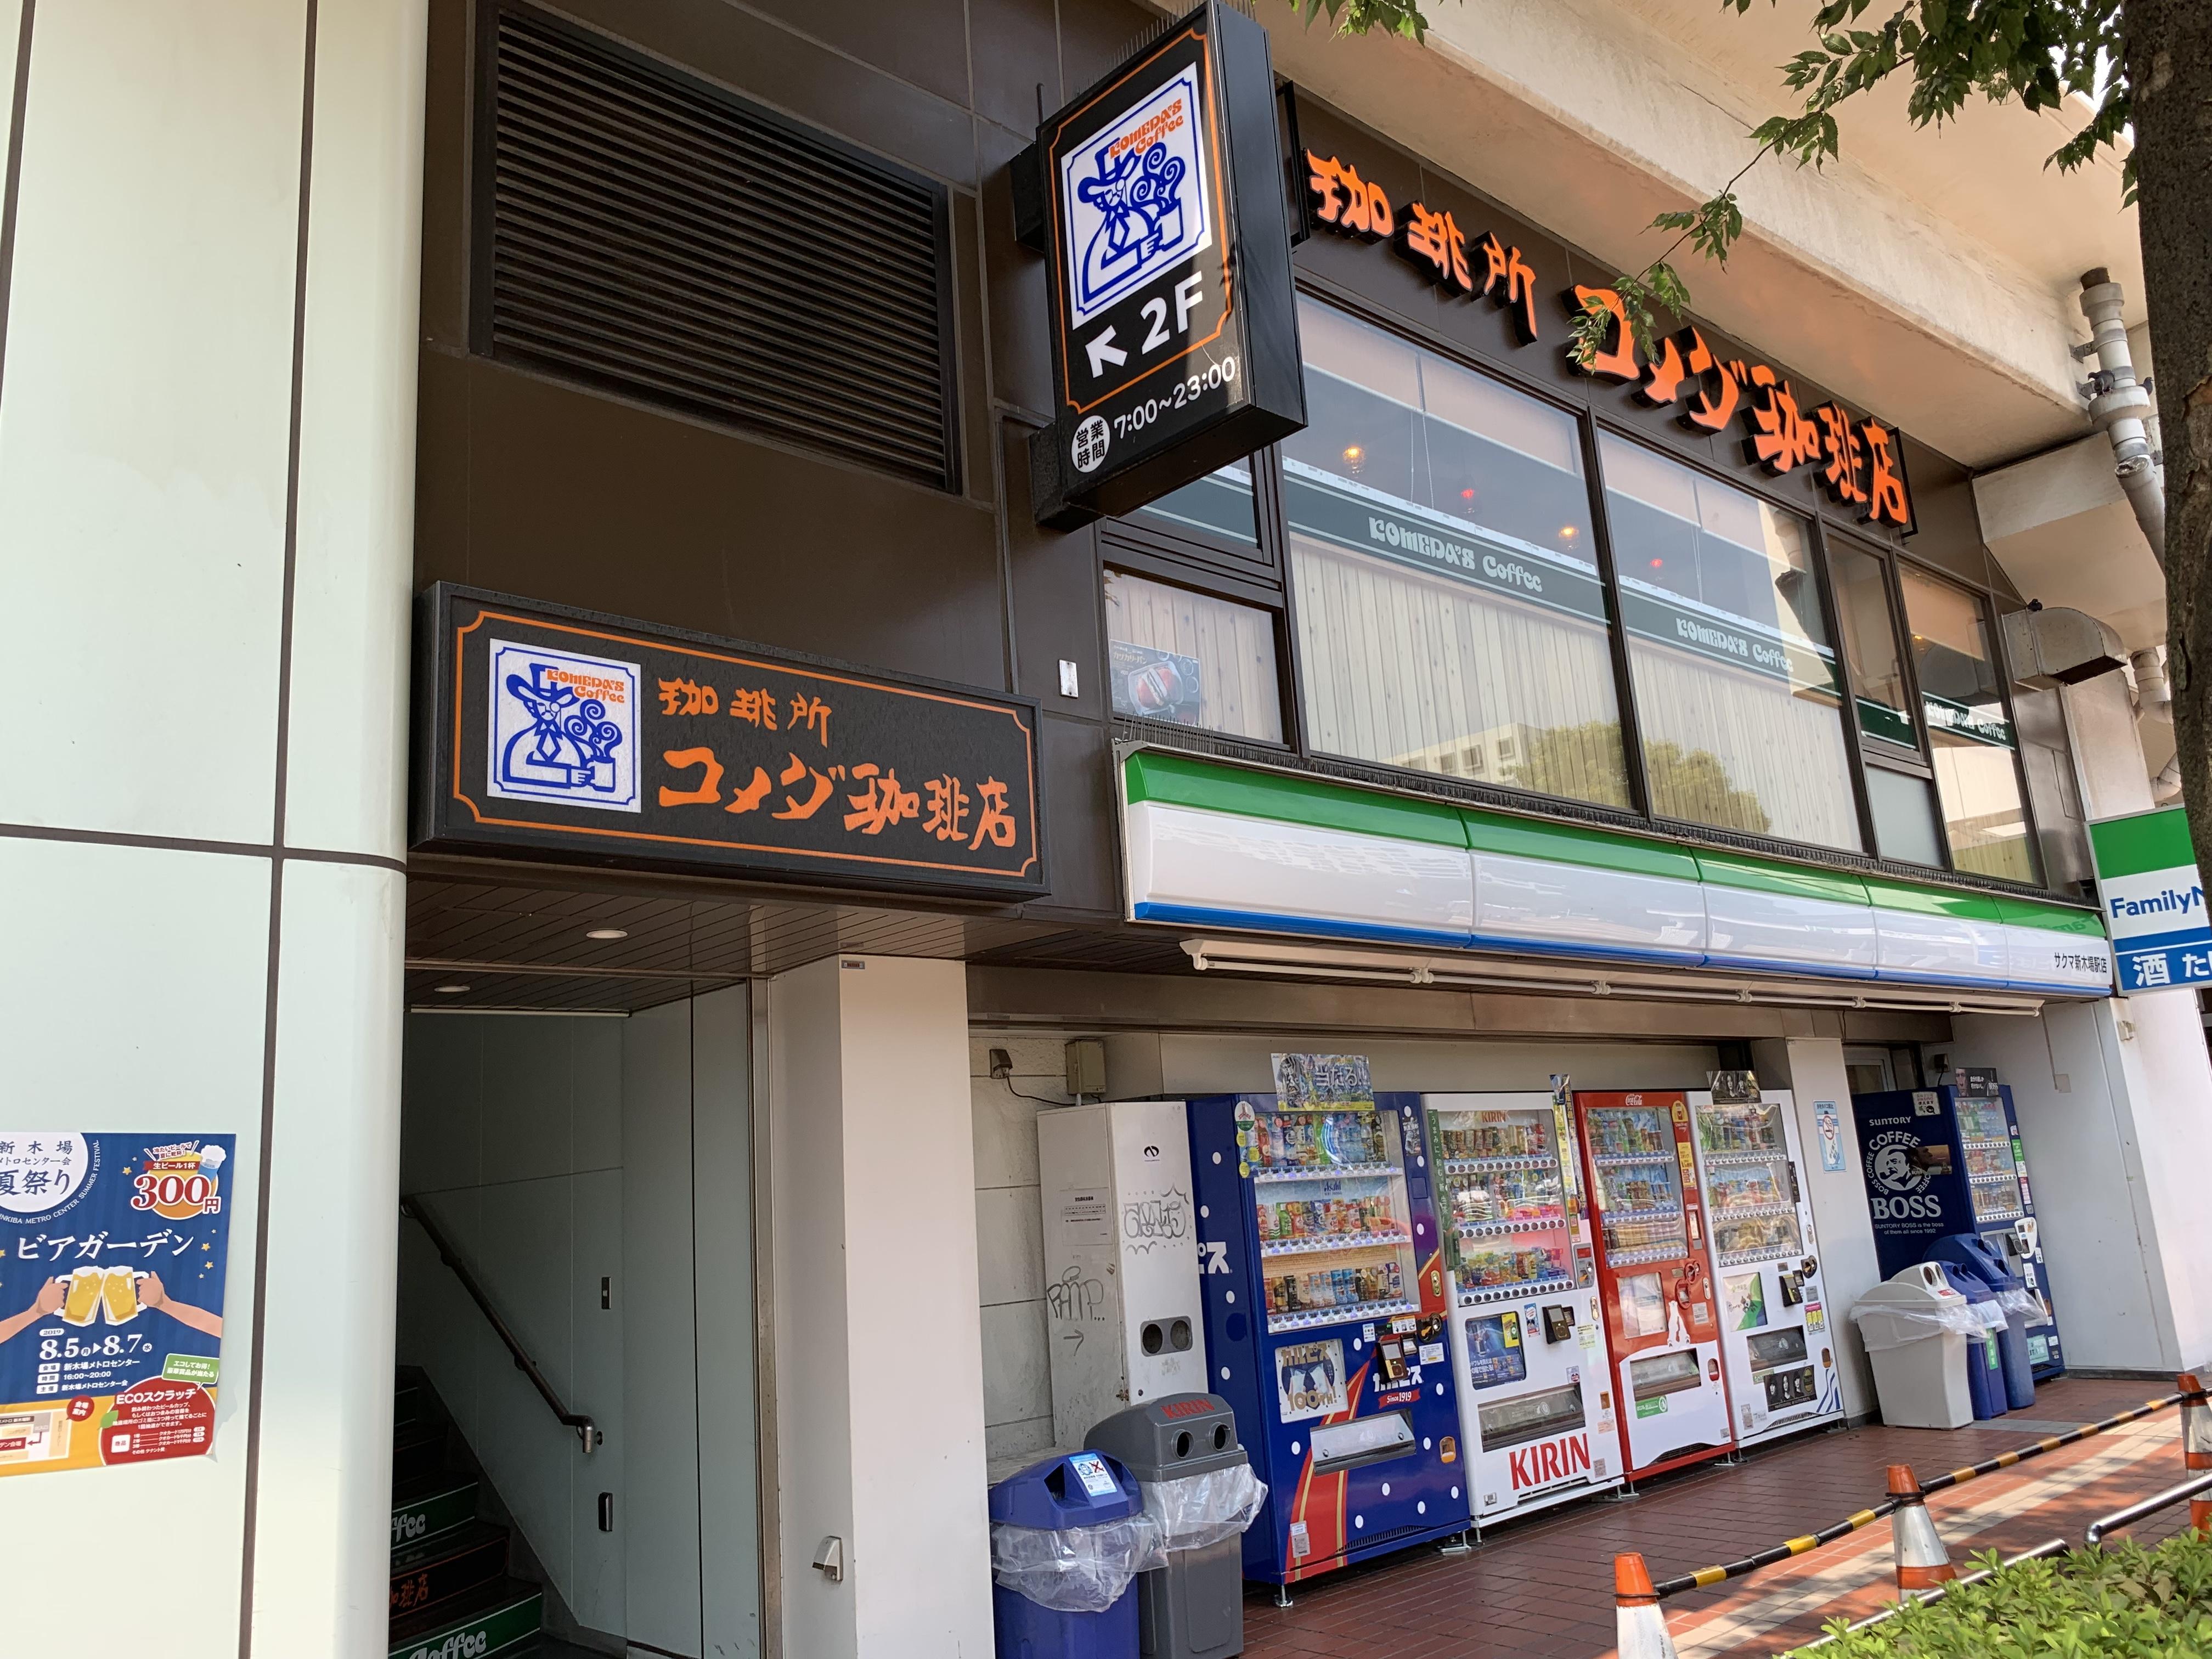 新木場駅 電源カフェ コメダ珈琲店 新木場駅前店 Wi-Fi